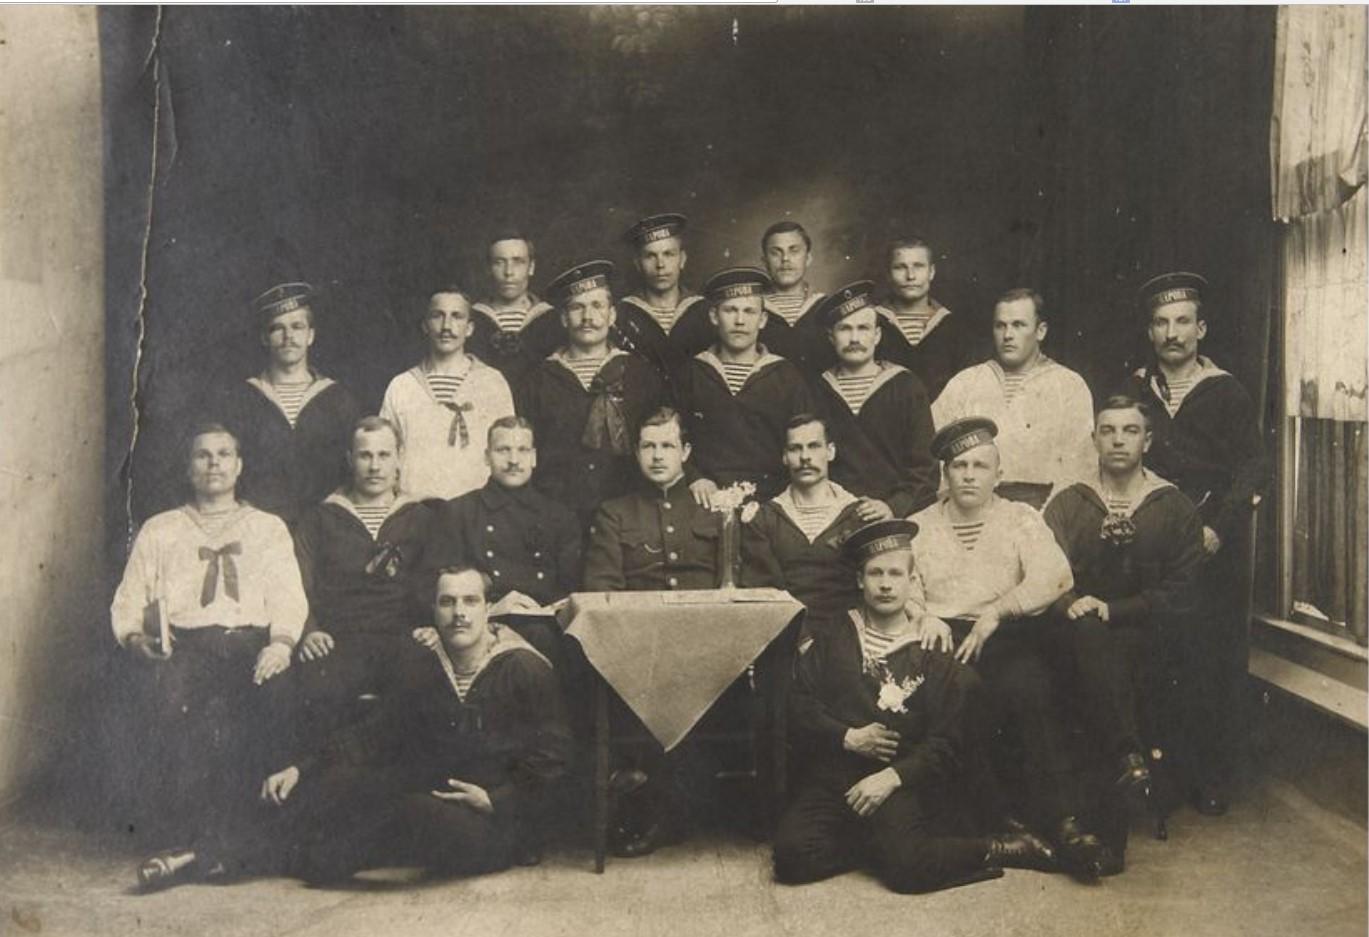 Фото команды минного заградителя «Нарова» после майской демонстрации. 1917